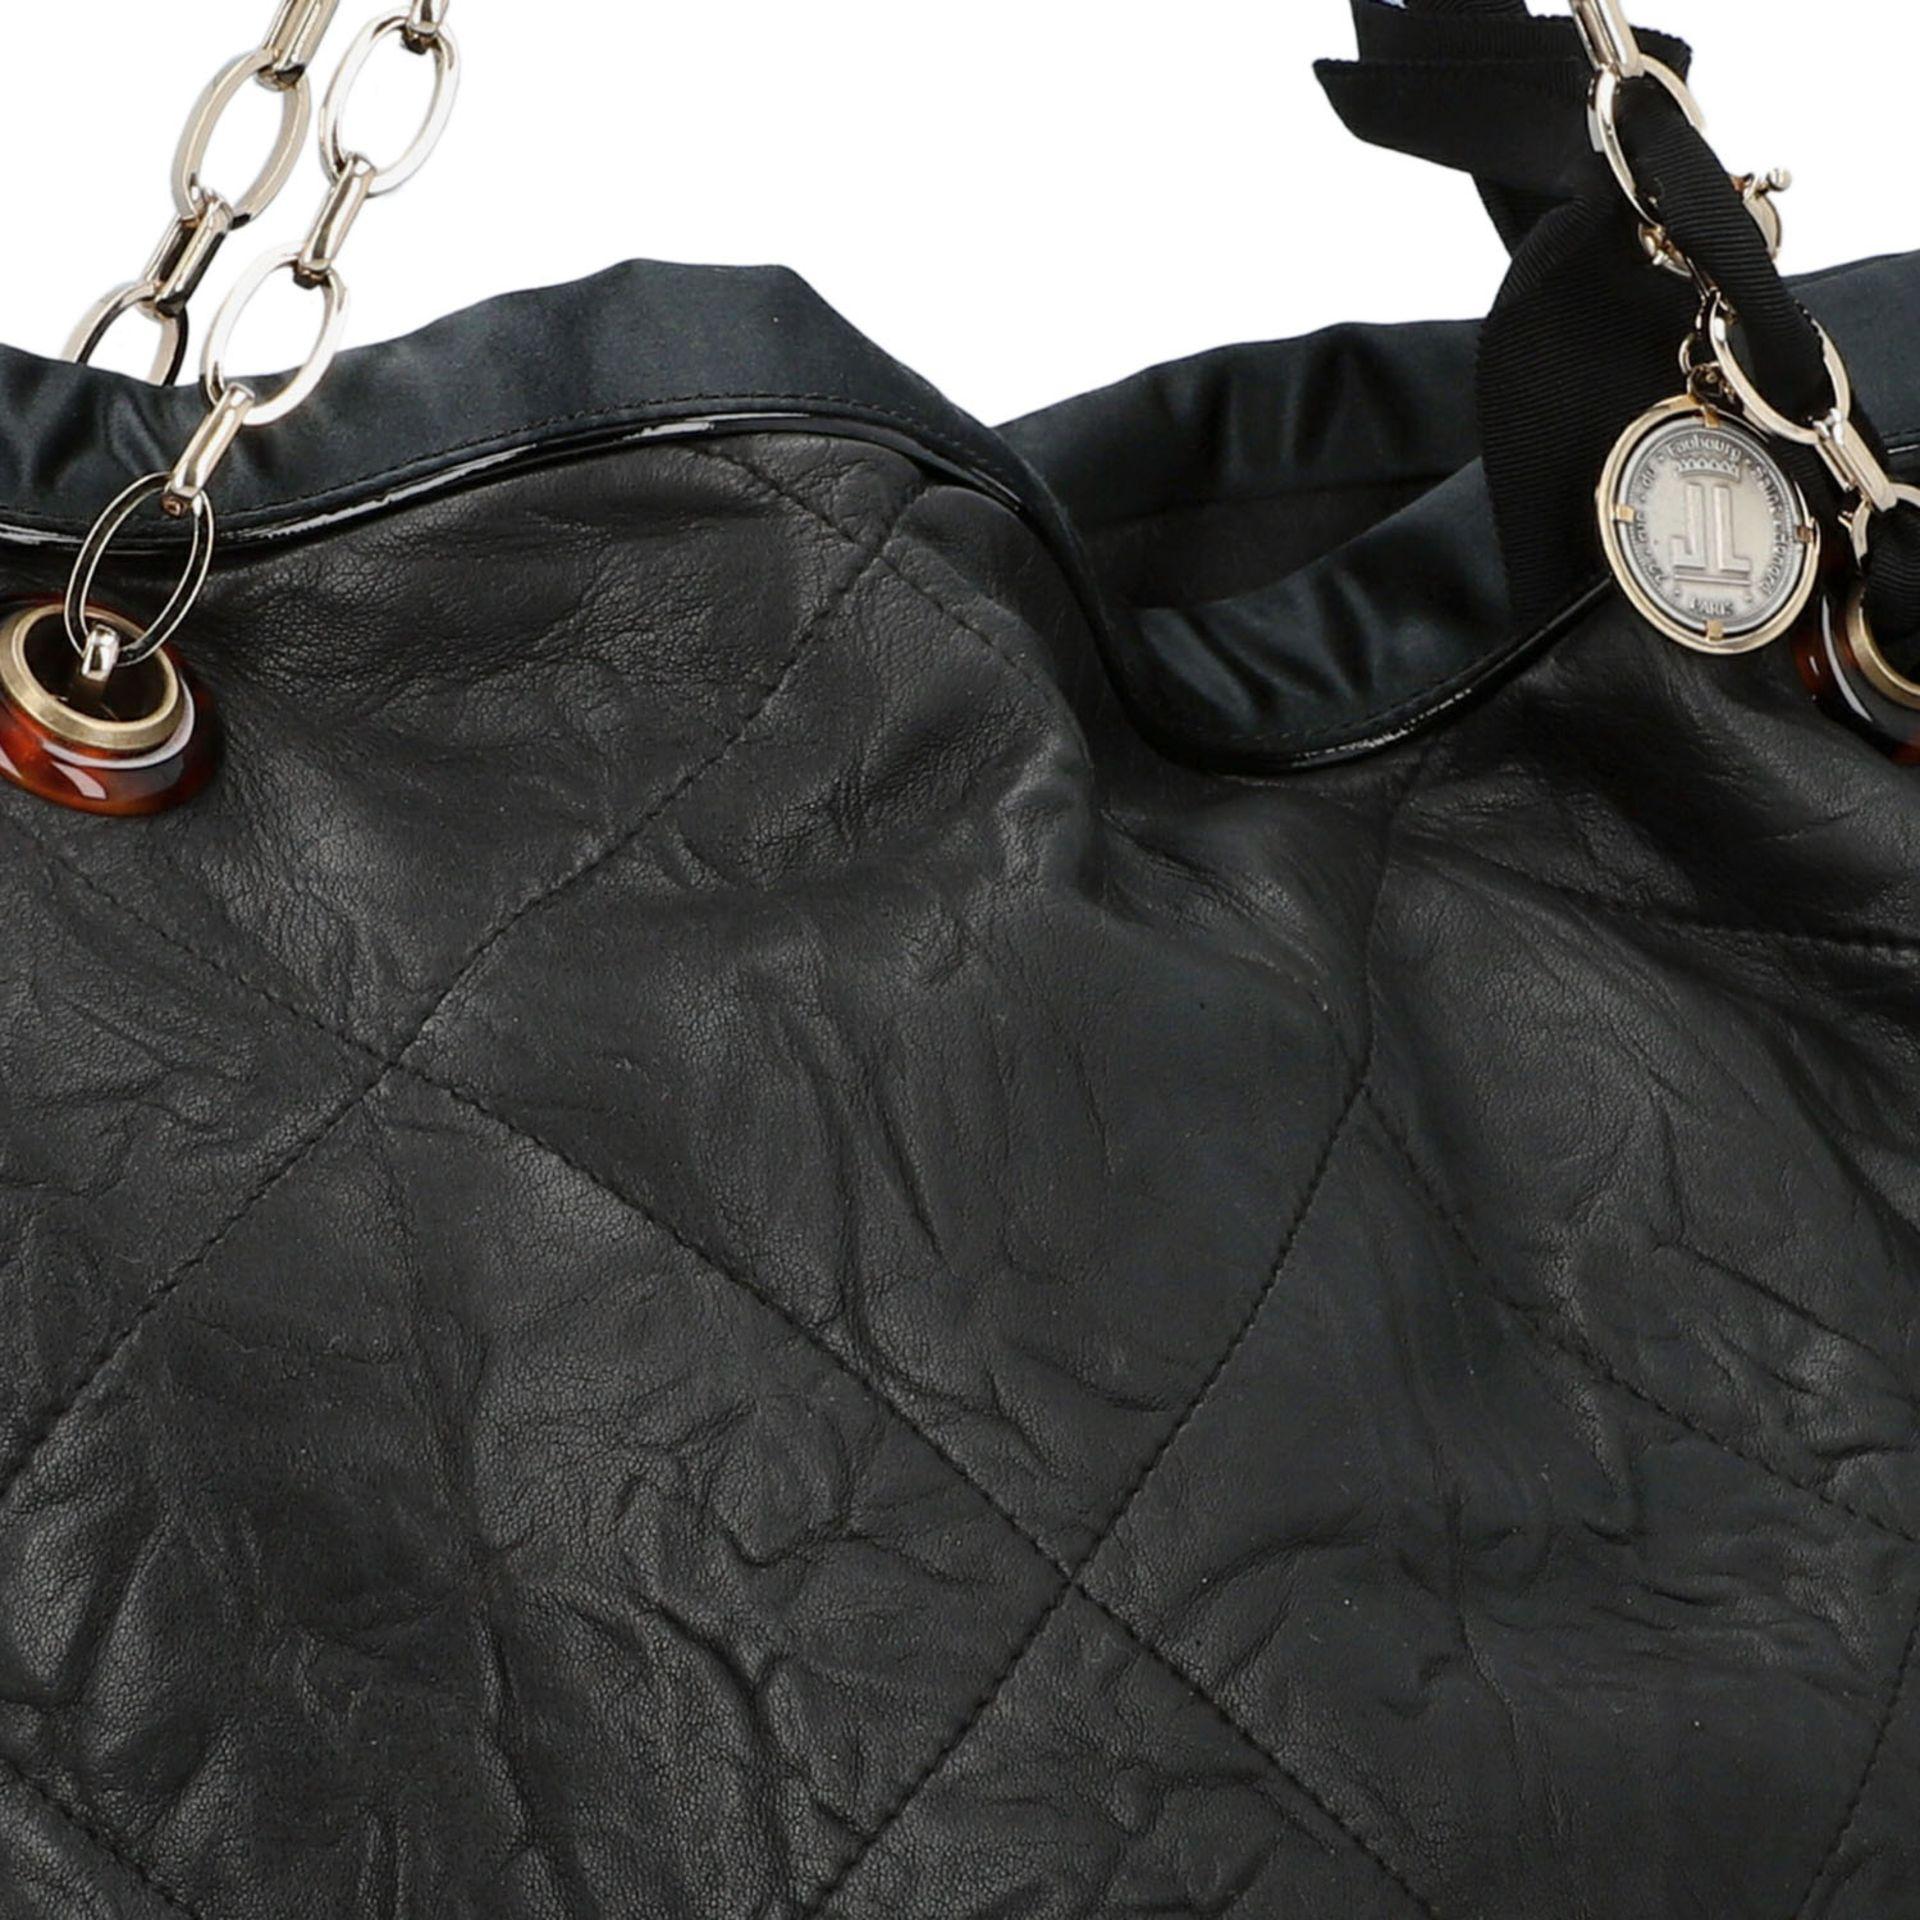 LANVIN Shoppertasche. Softes Leder in Schwarz mit Rautensteppung und dekorativen Trage - Image 8 of 8